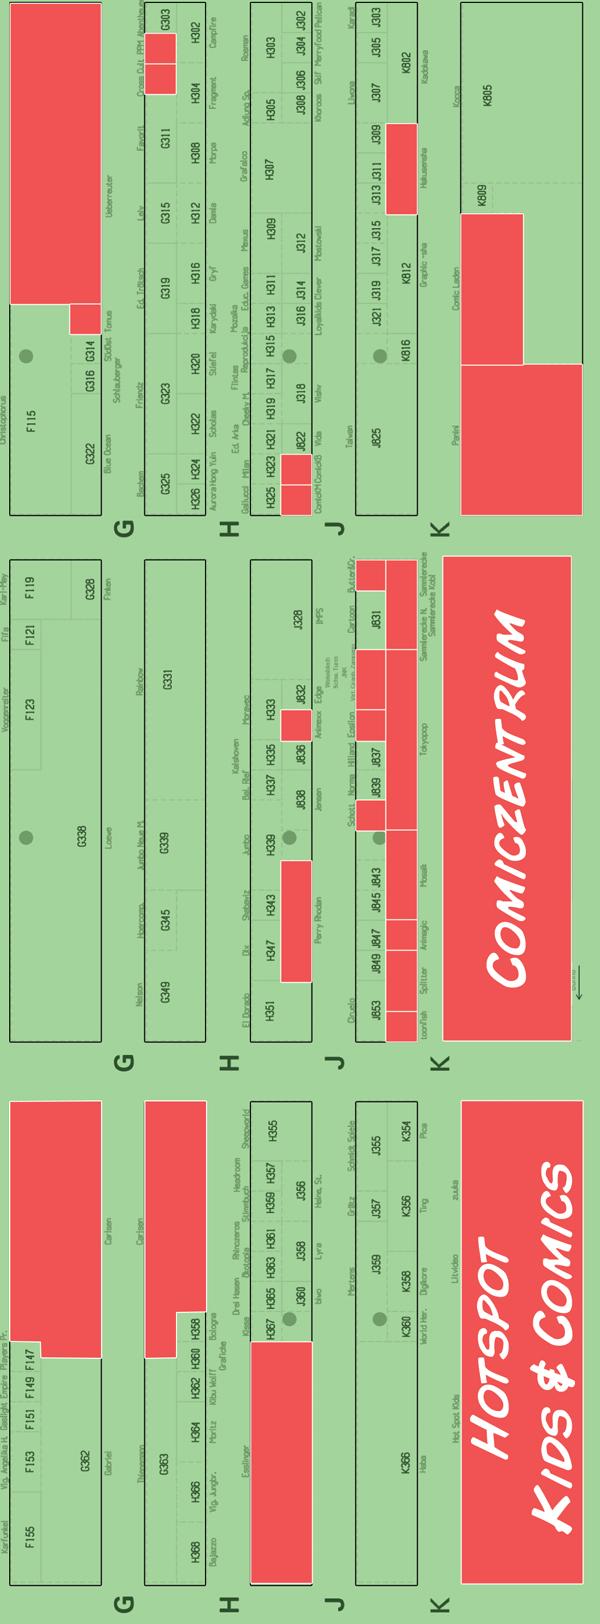 hallenplan2011